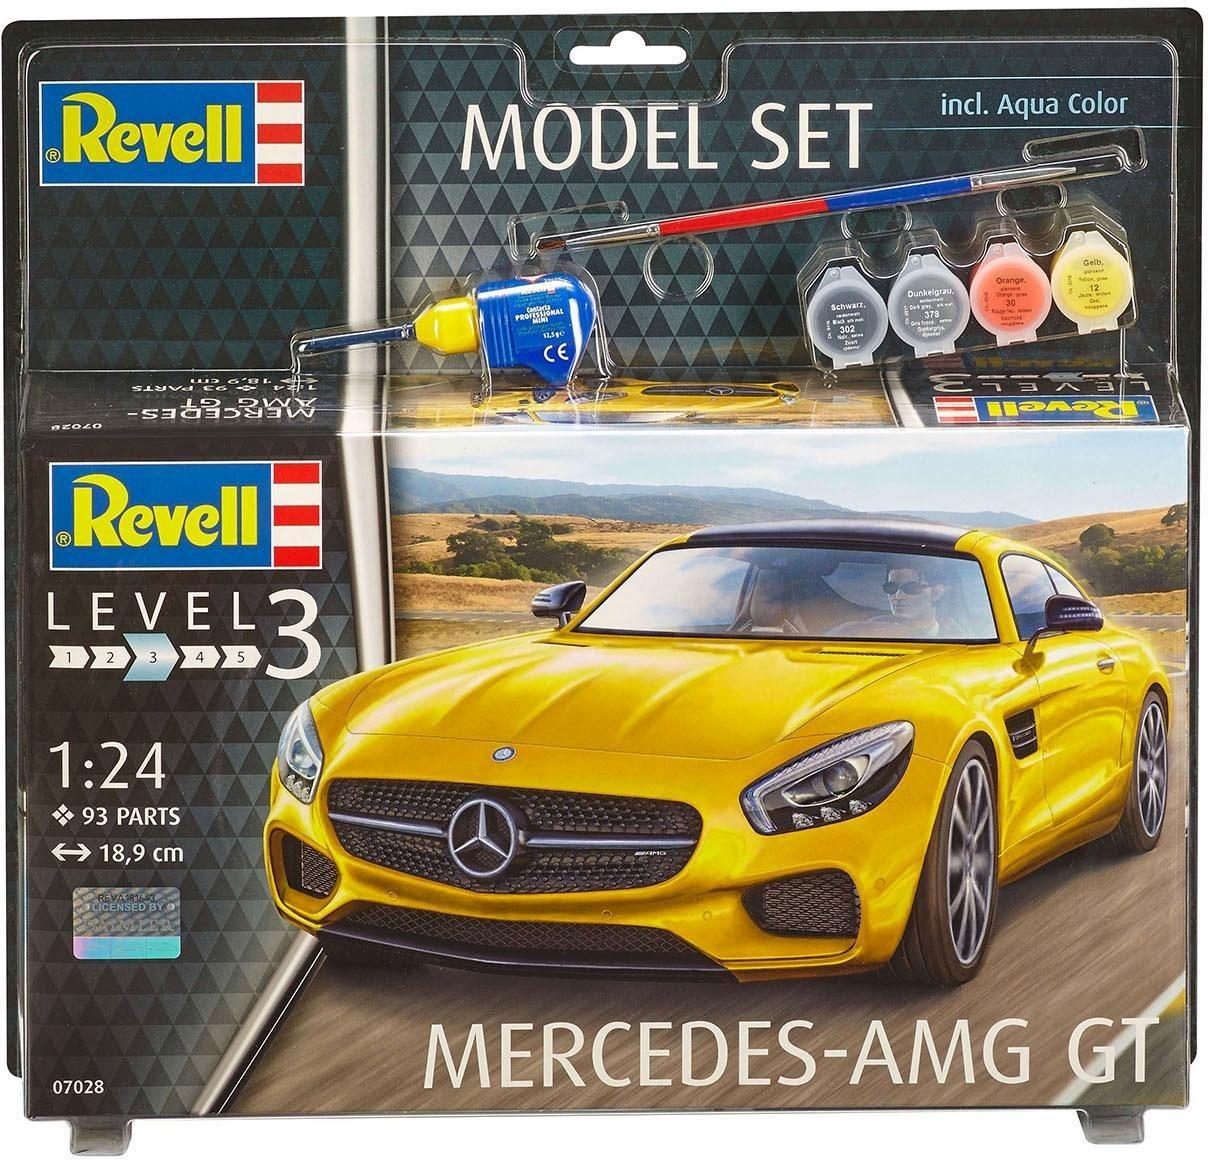 Revell Modellbausatz Auto mit Zubehör, »Model Set, Mercedes-AMG GT«